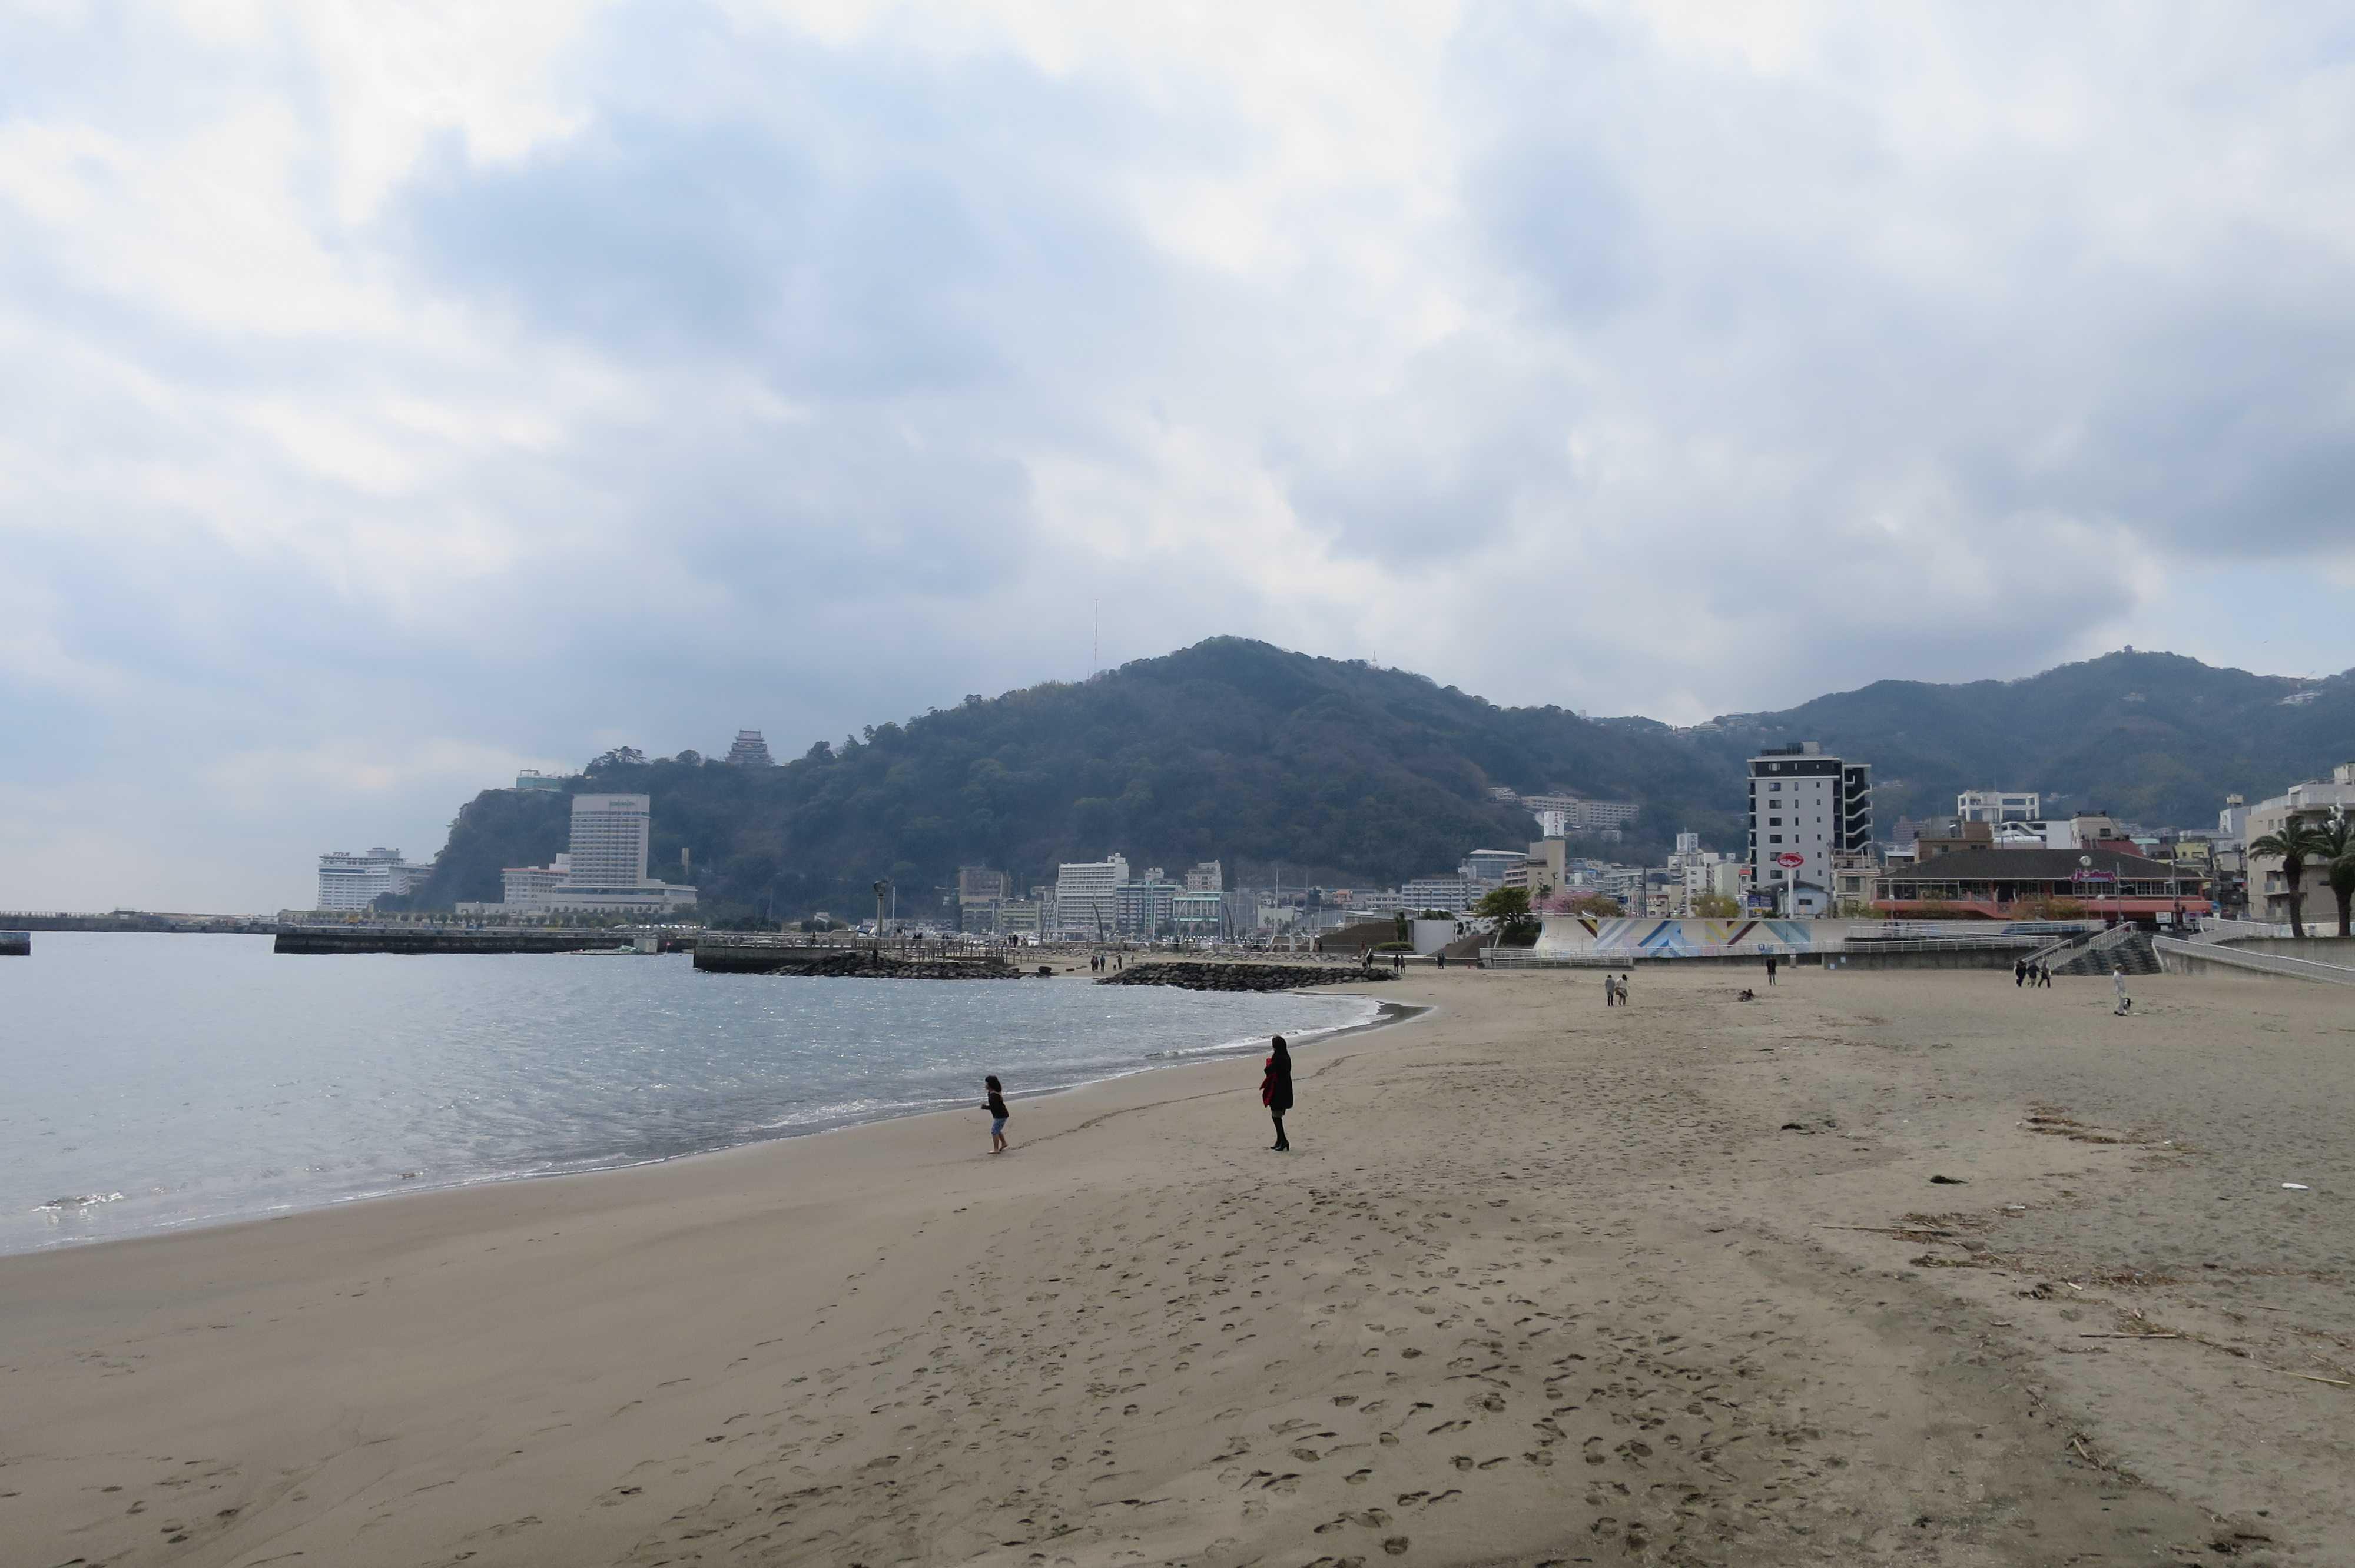 熱海サンビーチを散歩/散策